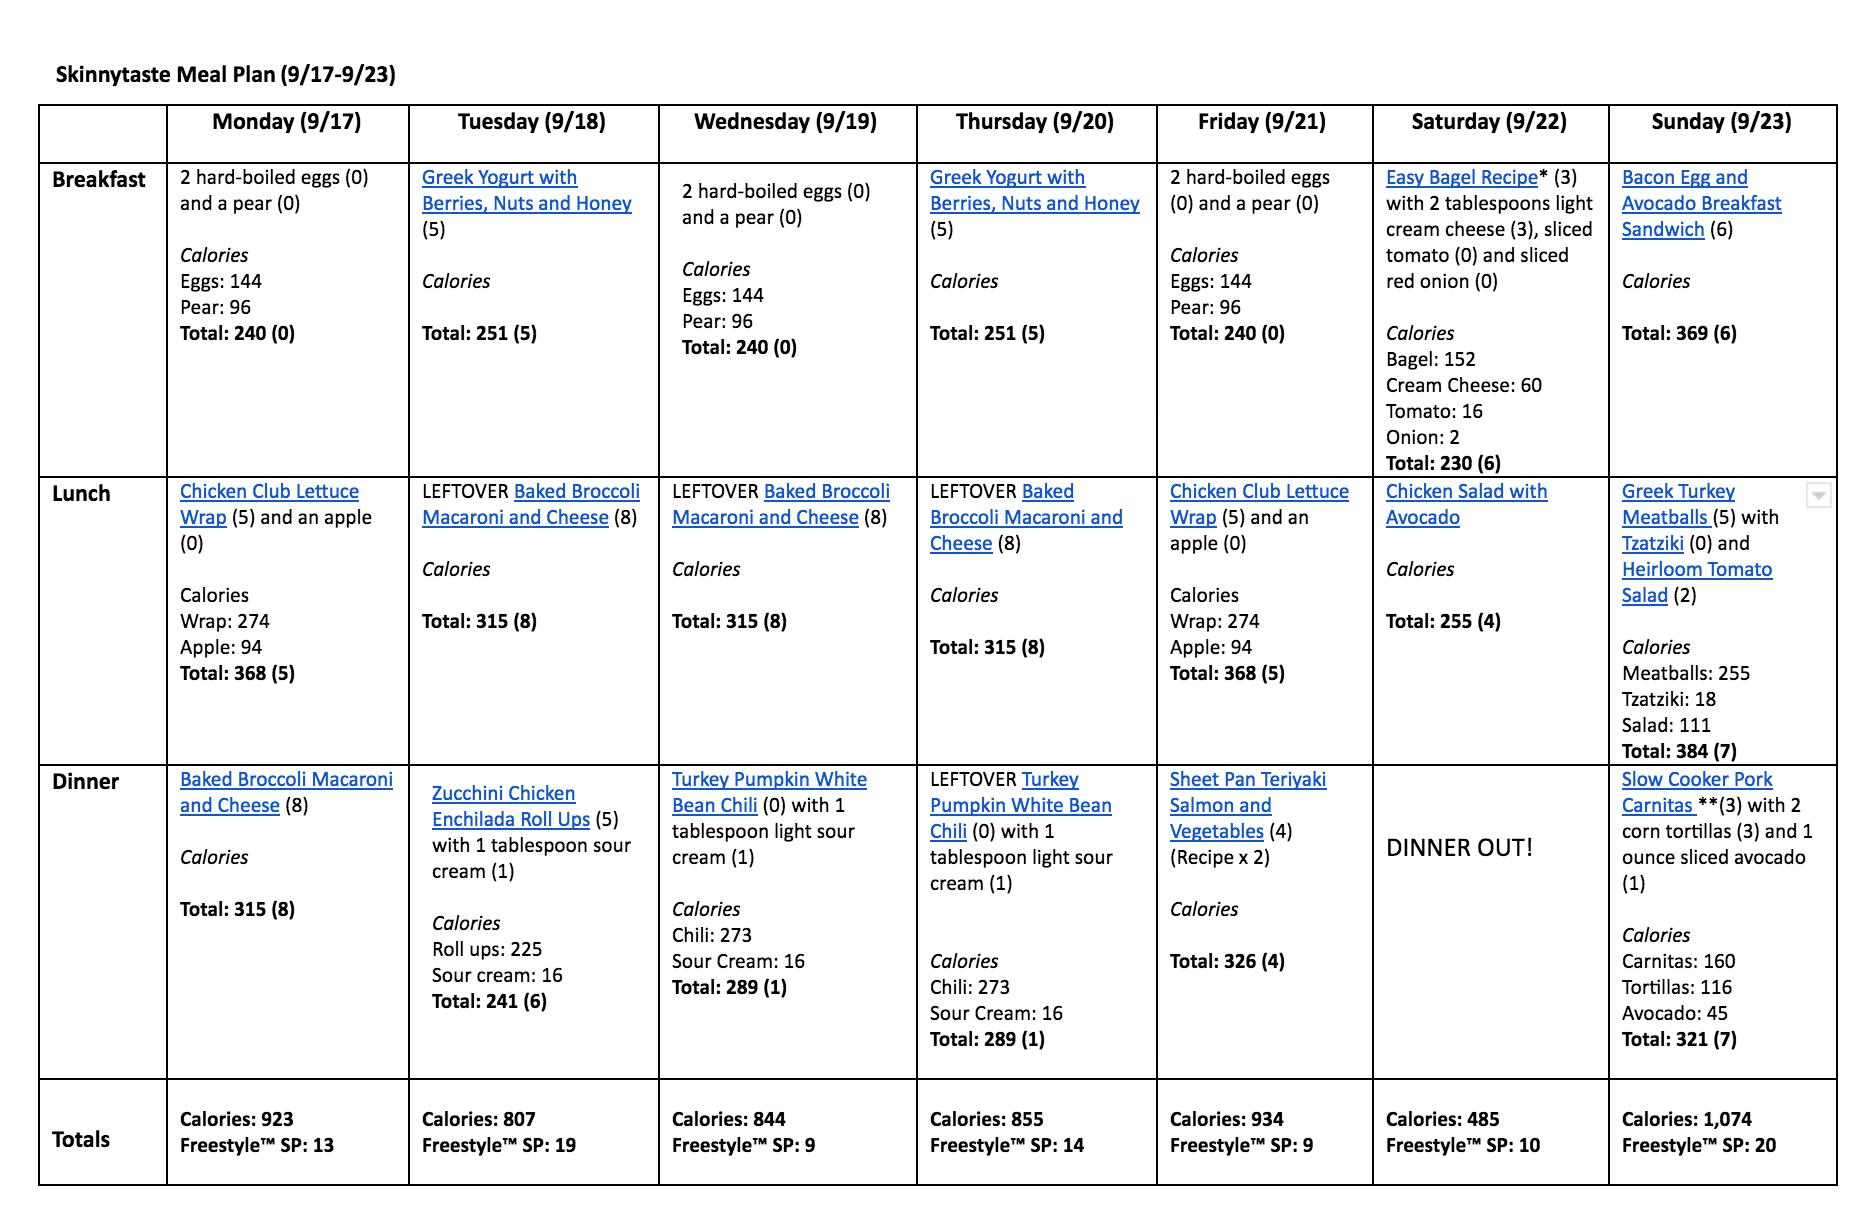 Skinnytaste Meal Plan (September 17-September 23)